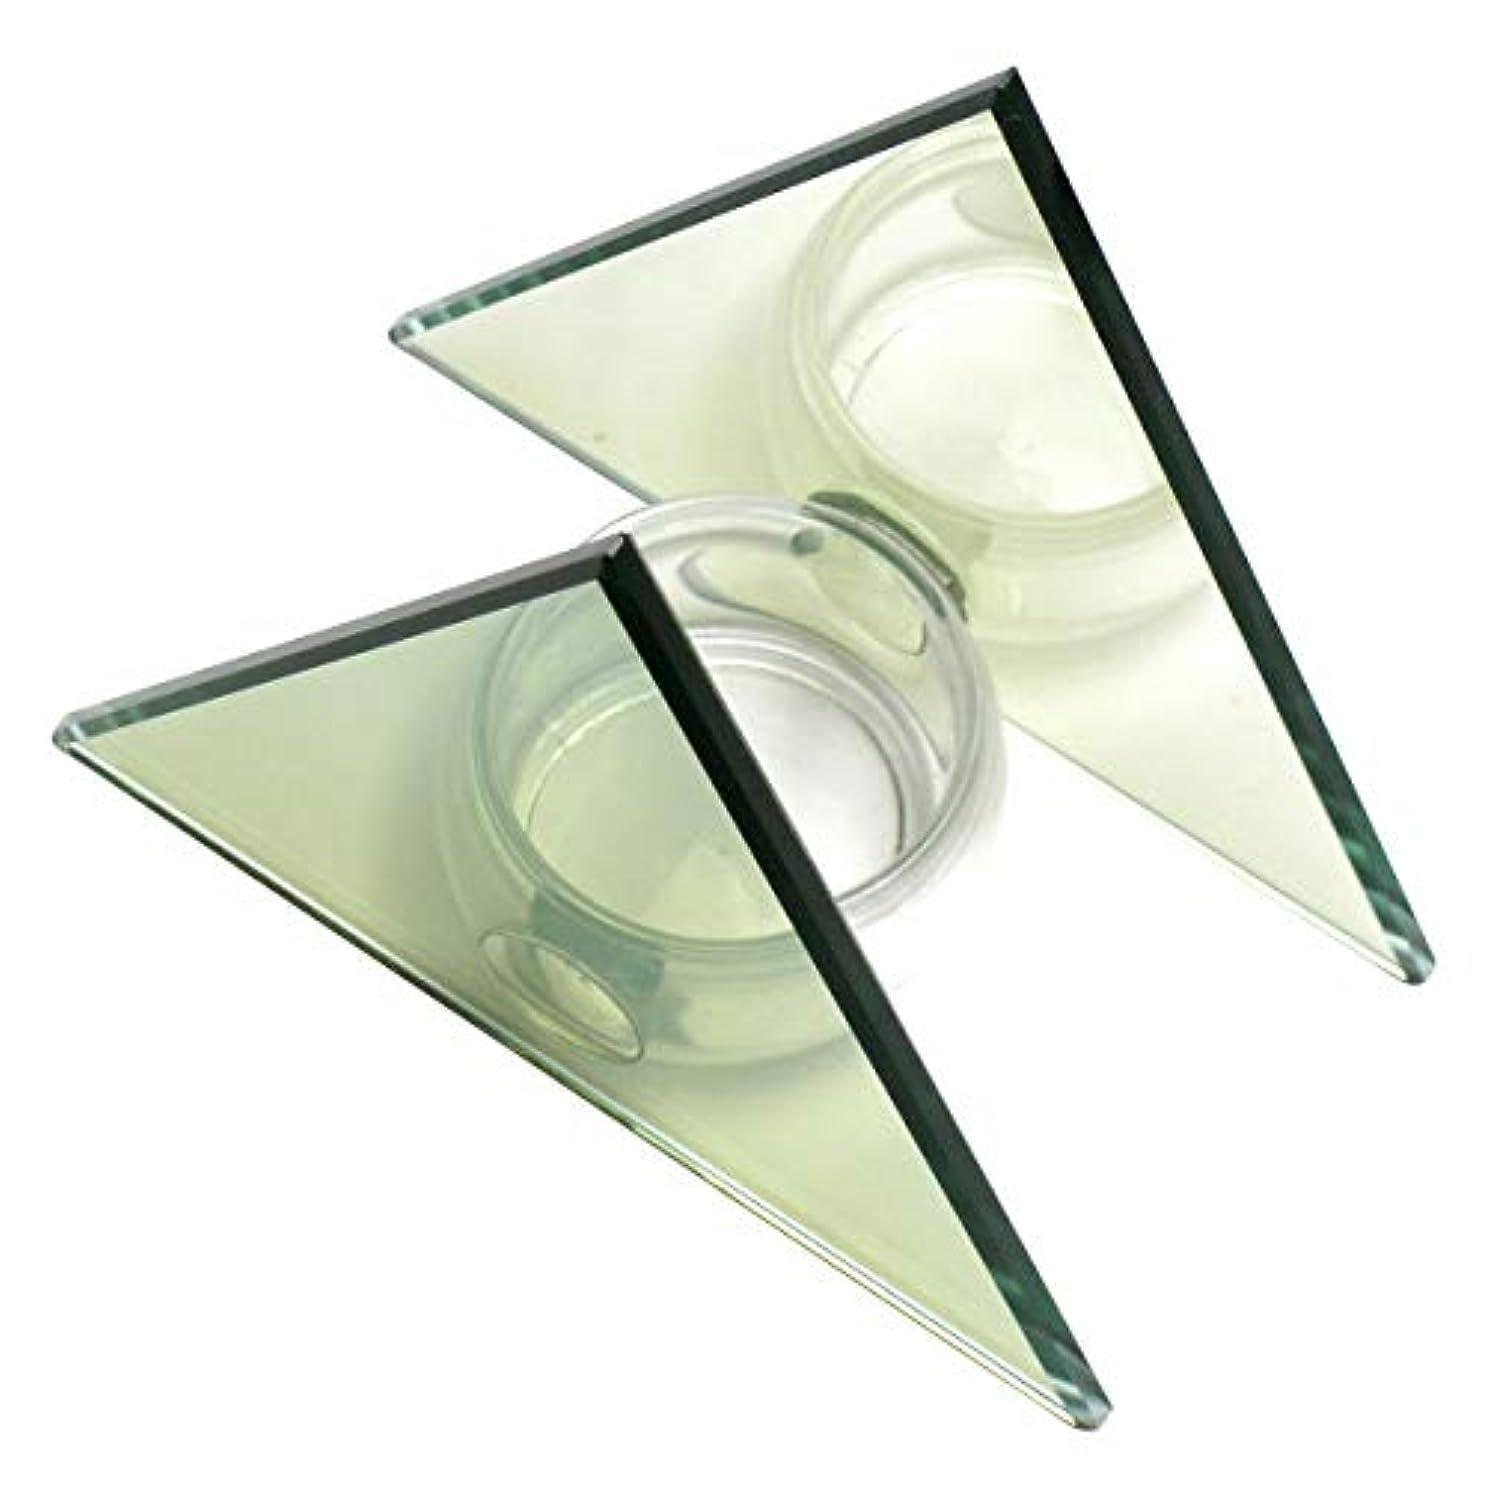 雹アマチュア閉塞無限連鎖キャンドルホルダー ピラミッド ガラス キャンドルスタンド ランタン 誕生日 ティーライトキャンドル